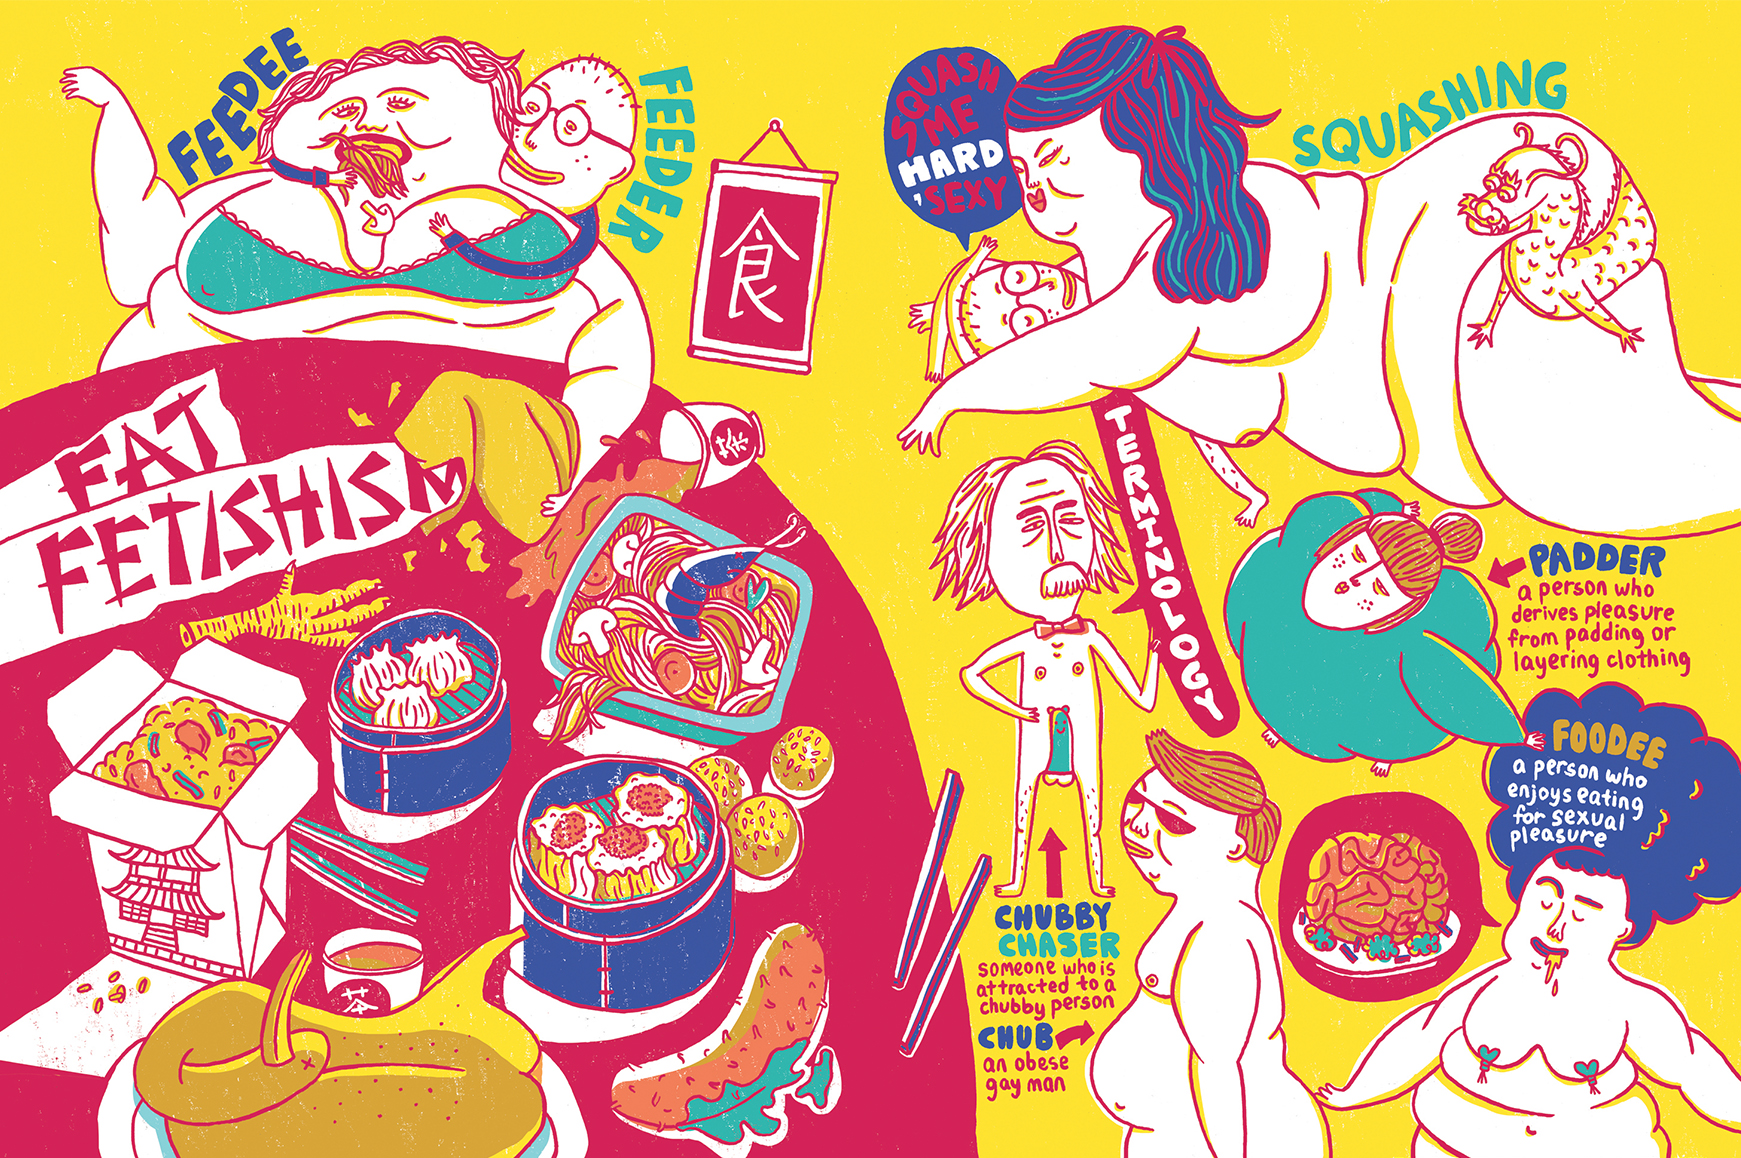 fat fetish illustration.jpg